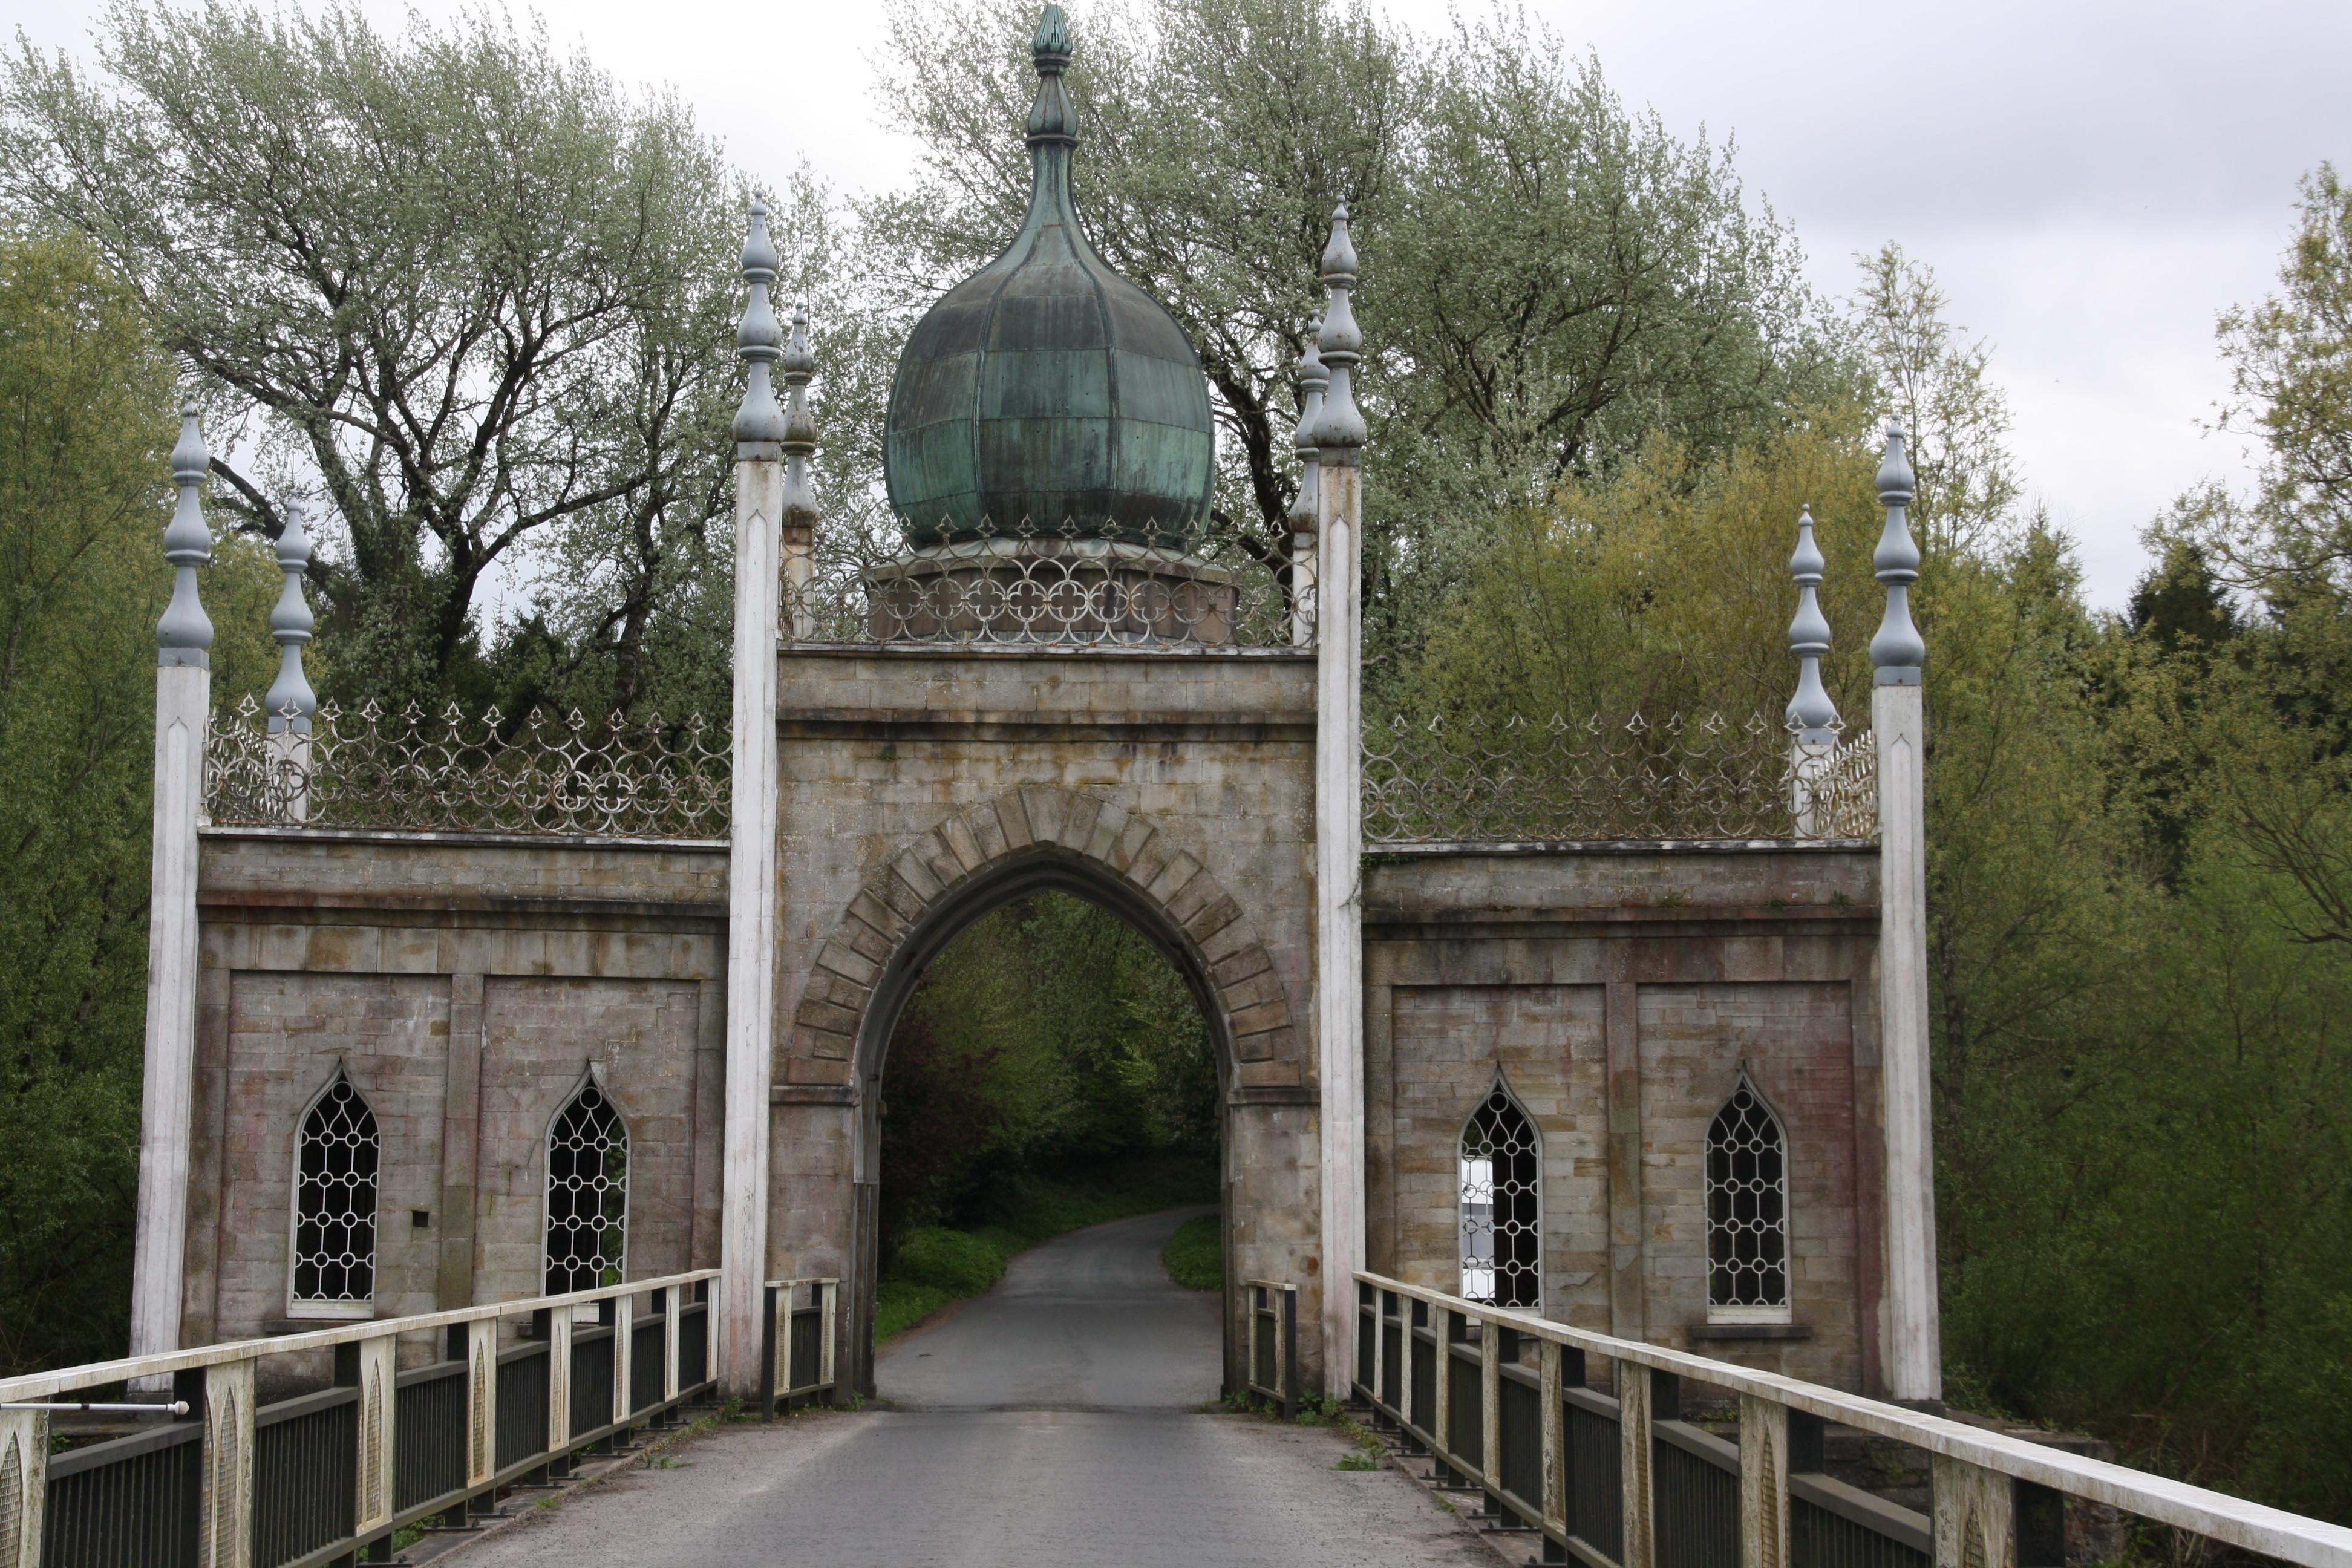 Dromana Gate, Co. Waterford